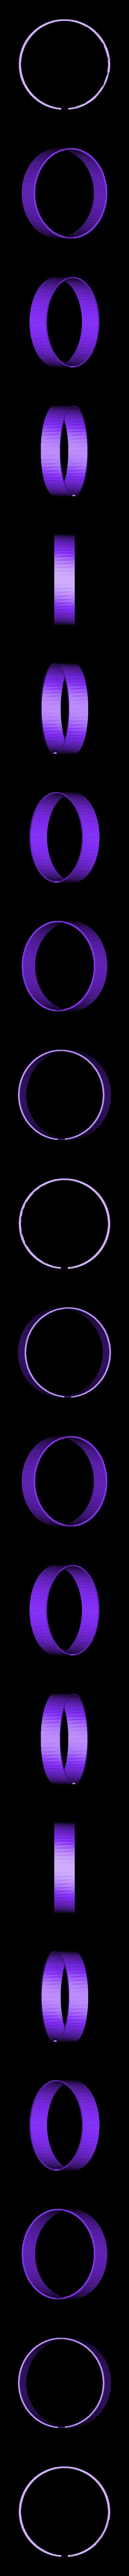 MSClampRing.stl Télécharger fichier STL gratuit Support de microscope USB • Design pour impression 3D, Duskwin